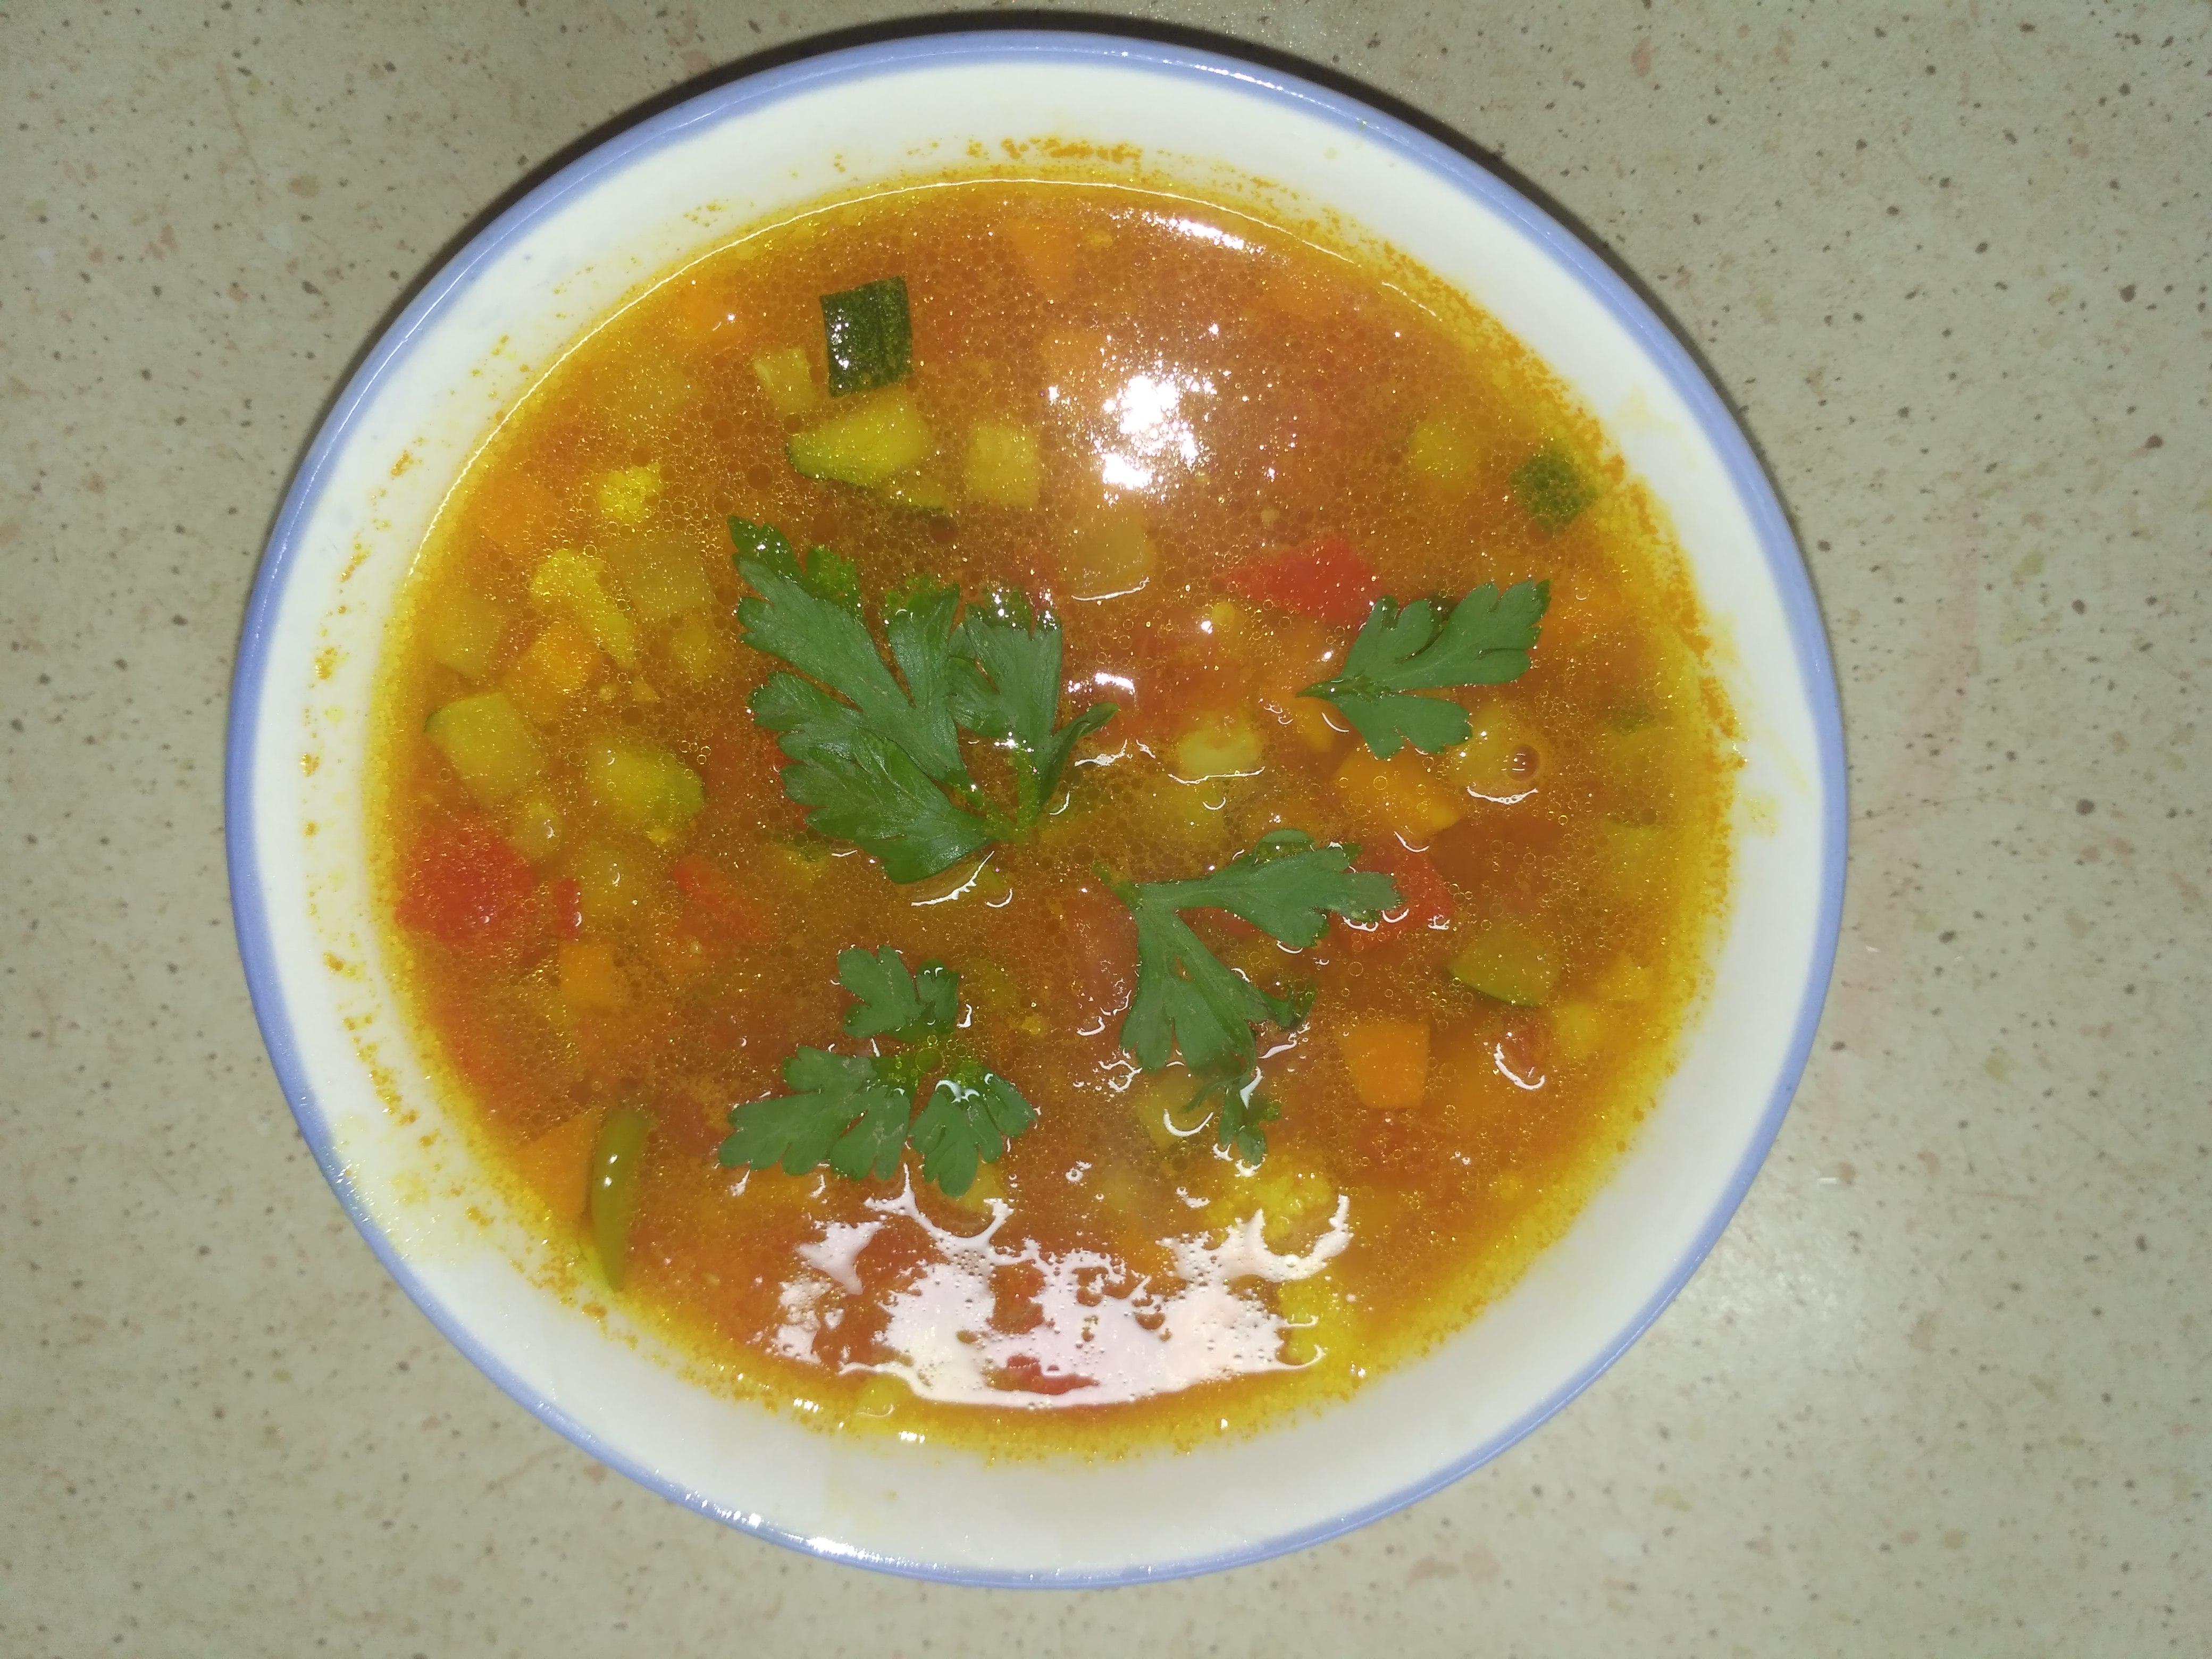 овощной вегетарианский суп минестроне